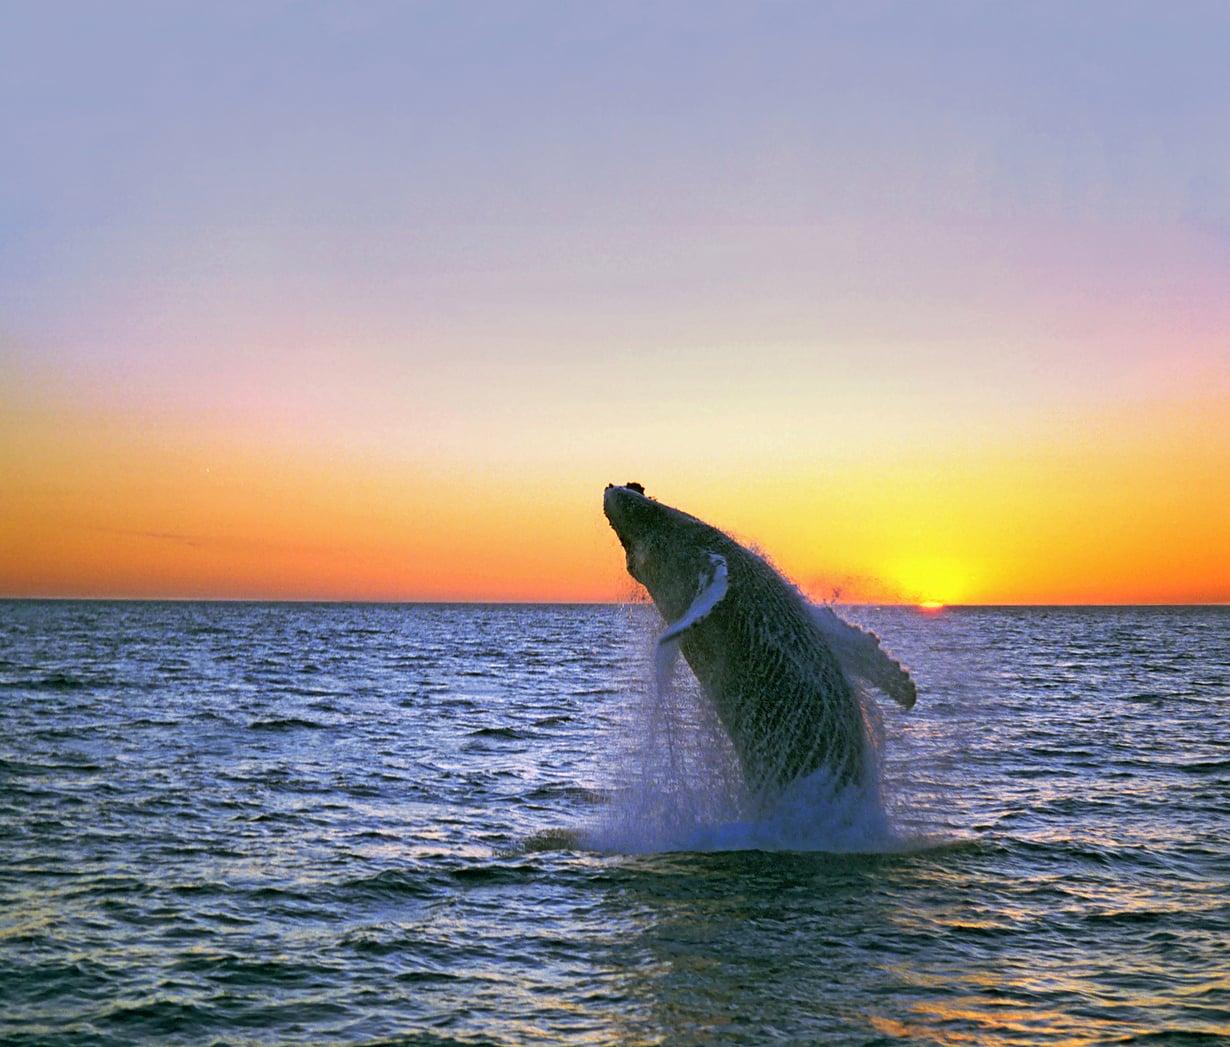 Ryhävalaat viettävät kesät pohjoisen viileissä vesissä ja talvet etelän lämmössä. Uintimatkaa kertyy vuodessa  25 000 kilometriä.